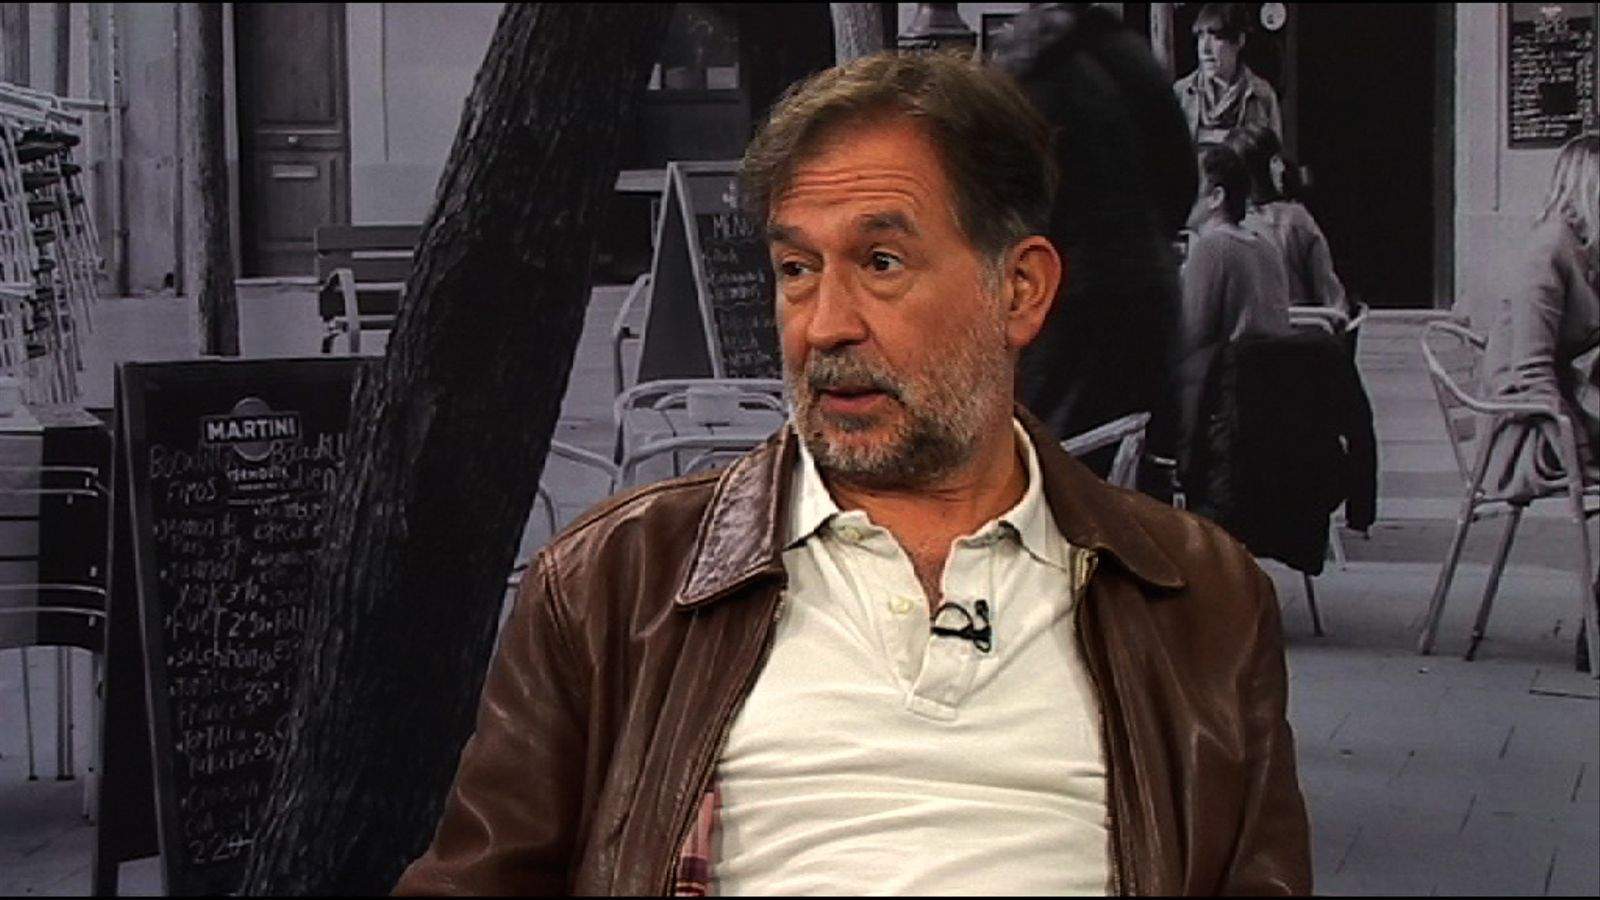 Suso de Toro: Els catalans em vau semblar molt diferents. Ho sou antropològicament i per voluntat; ho cultiveu